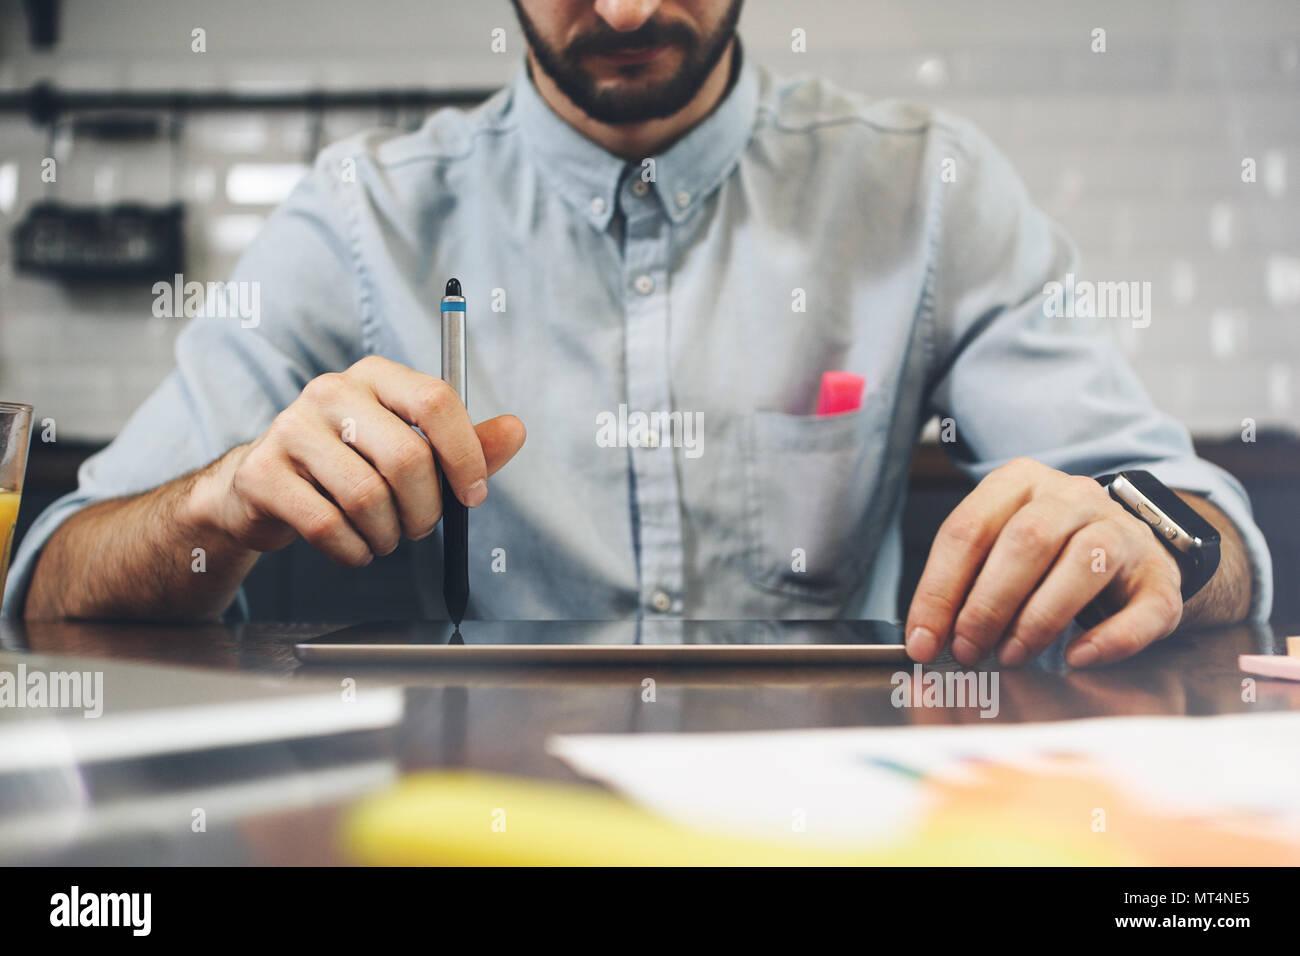 Homme barbu à l'aide de tablette pour conversation vidéo dans un bureau moderne. Concept de jeunes gens d'affaires travaillant à domicile. L'homme barbu au tour de conception générique Photo Stock